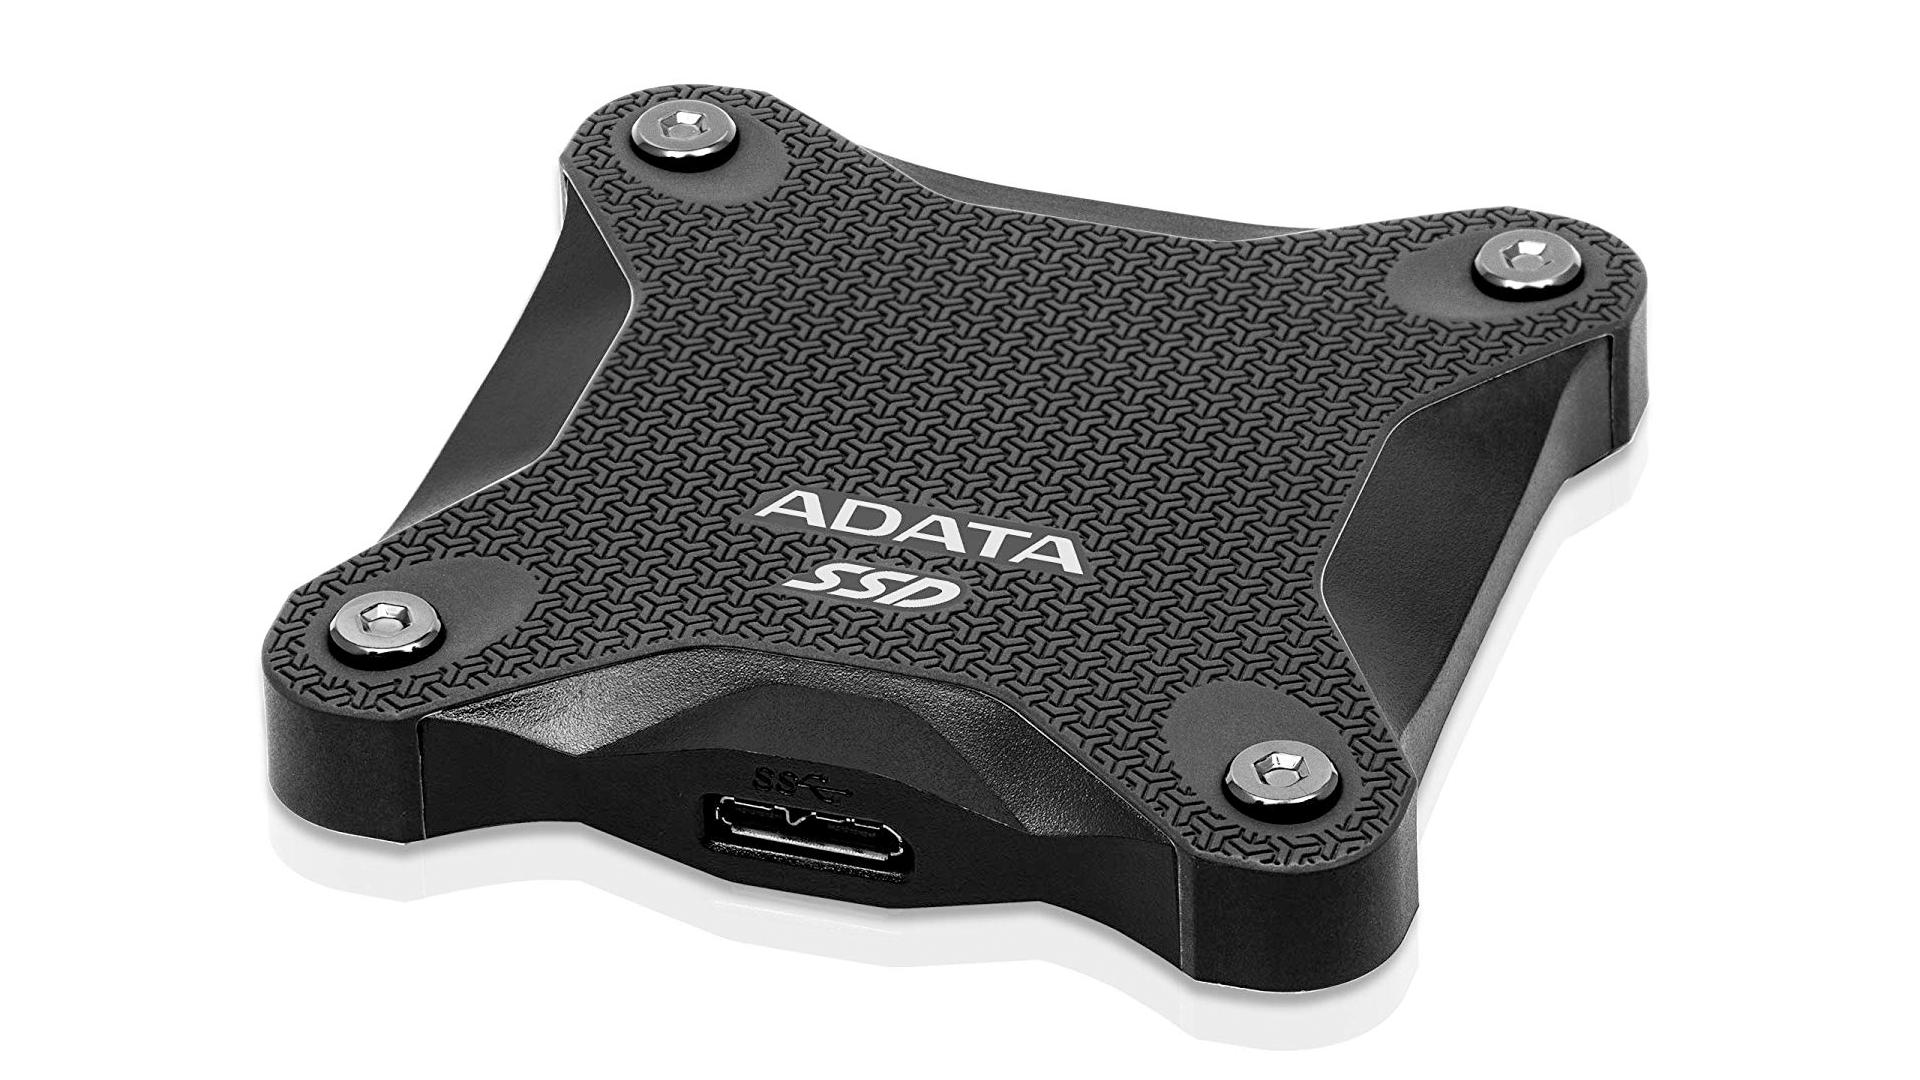 The ADATA SD600Q Portable SSD.